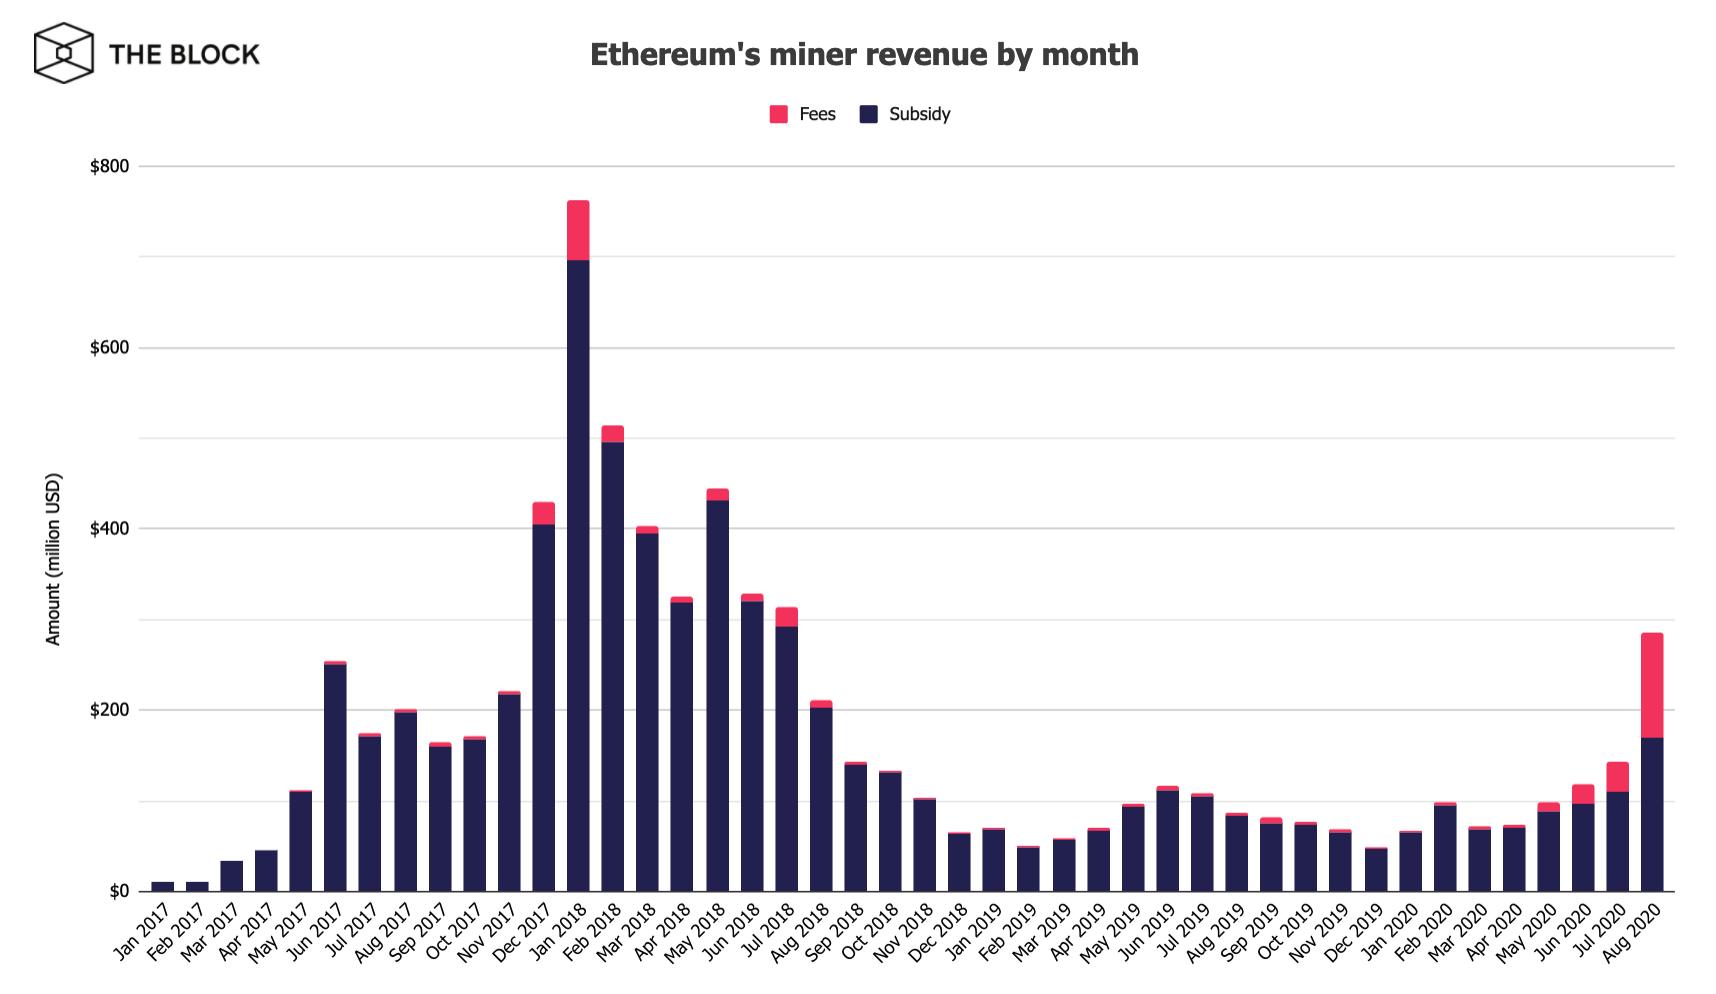 Hơn 40% doanh thu khai thác Ethereum trong tháng 8 đến từ phí giao dịch